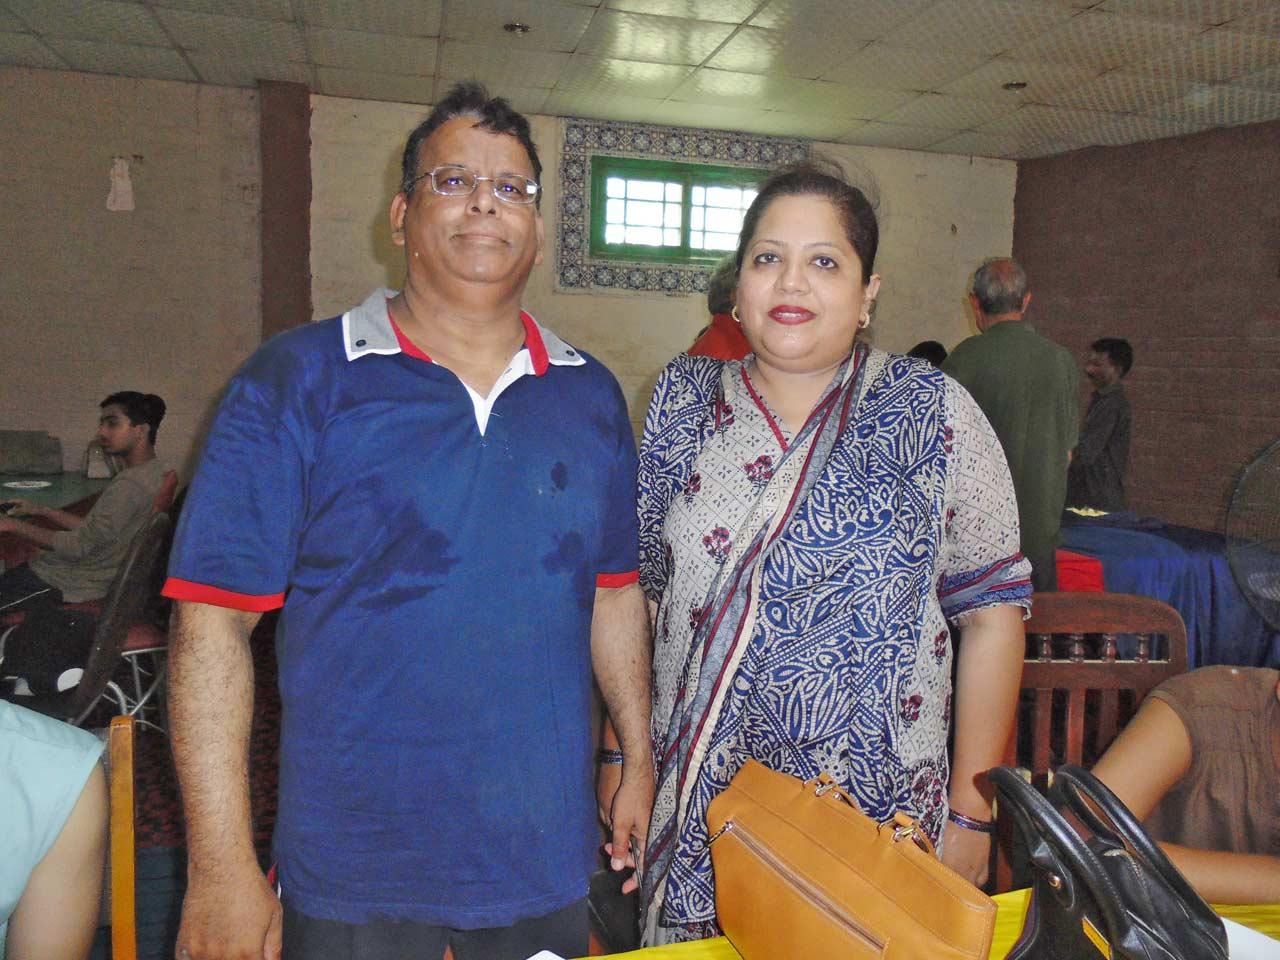 Dr. Ata Ur Rehman and Dr. Kiran A. Rehman